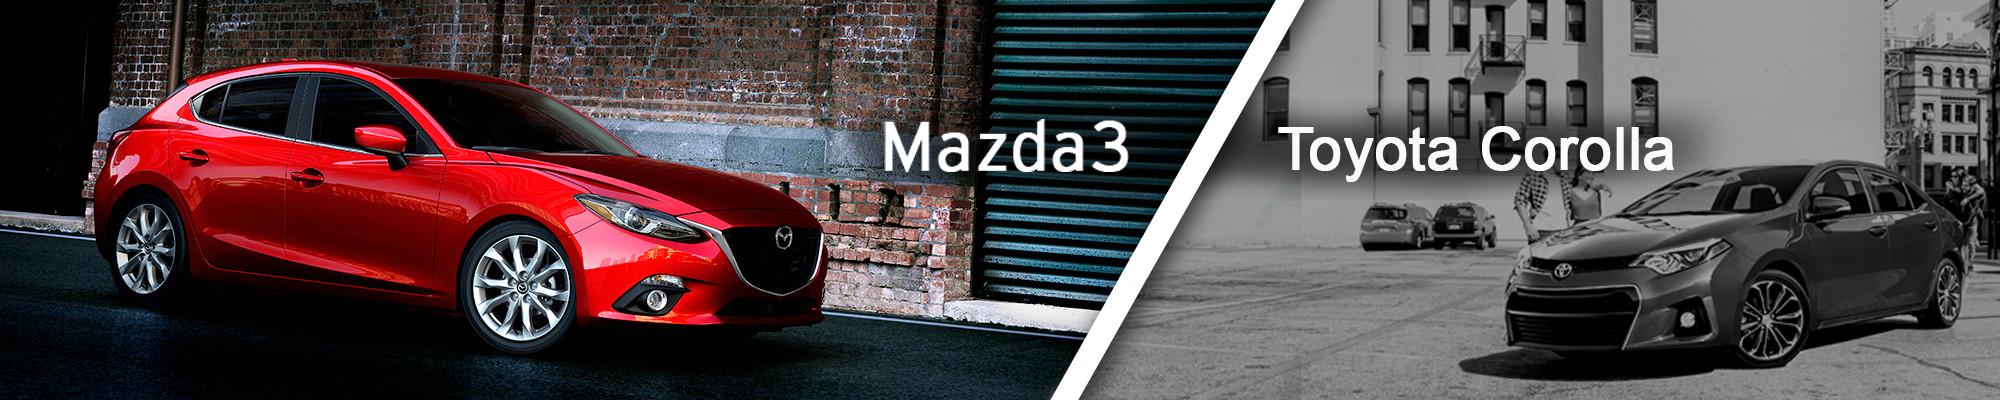 Mazda3 v. Toyota Corolla